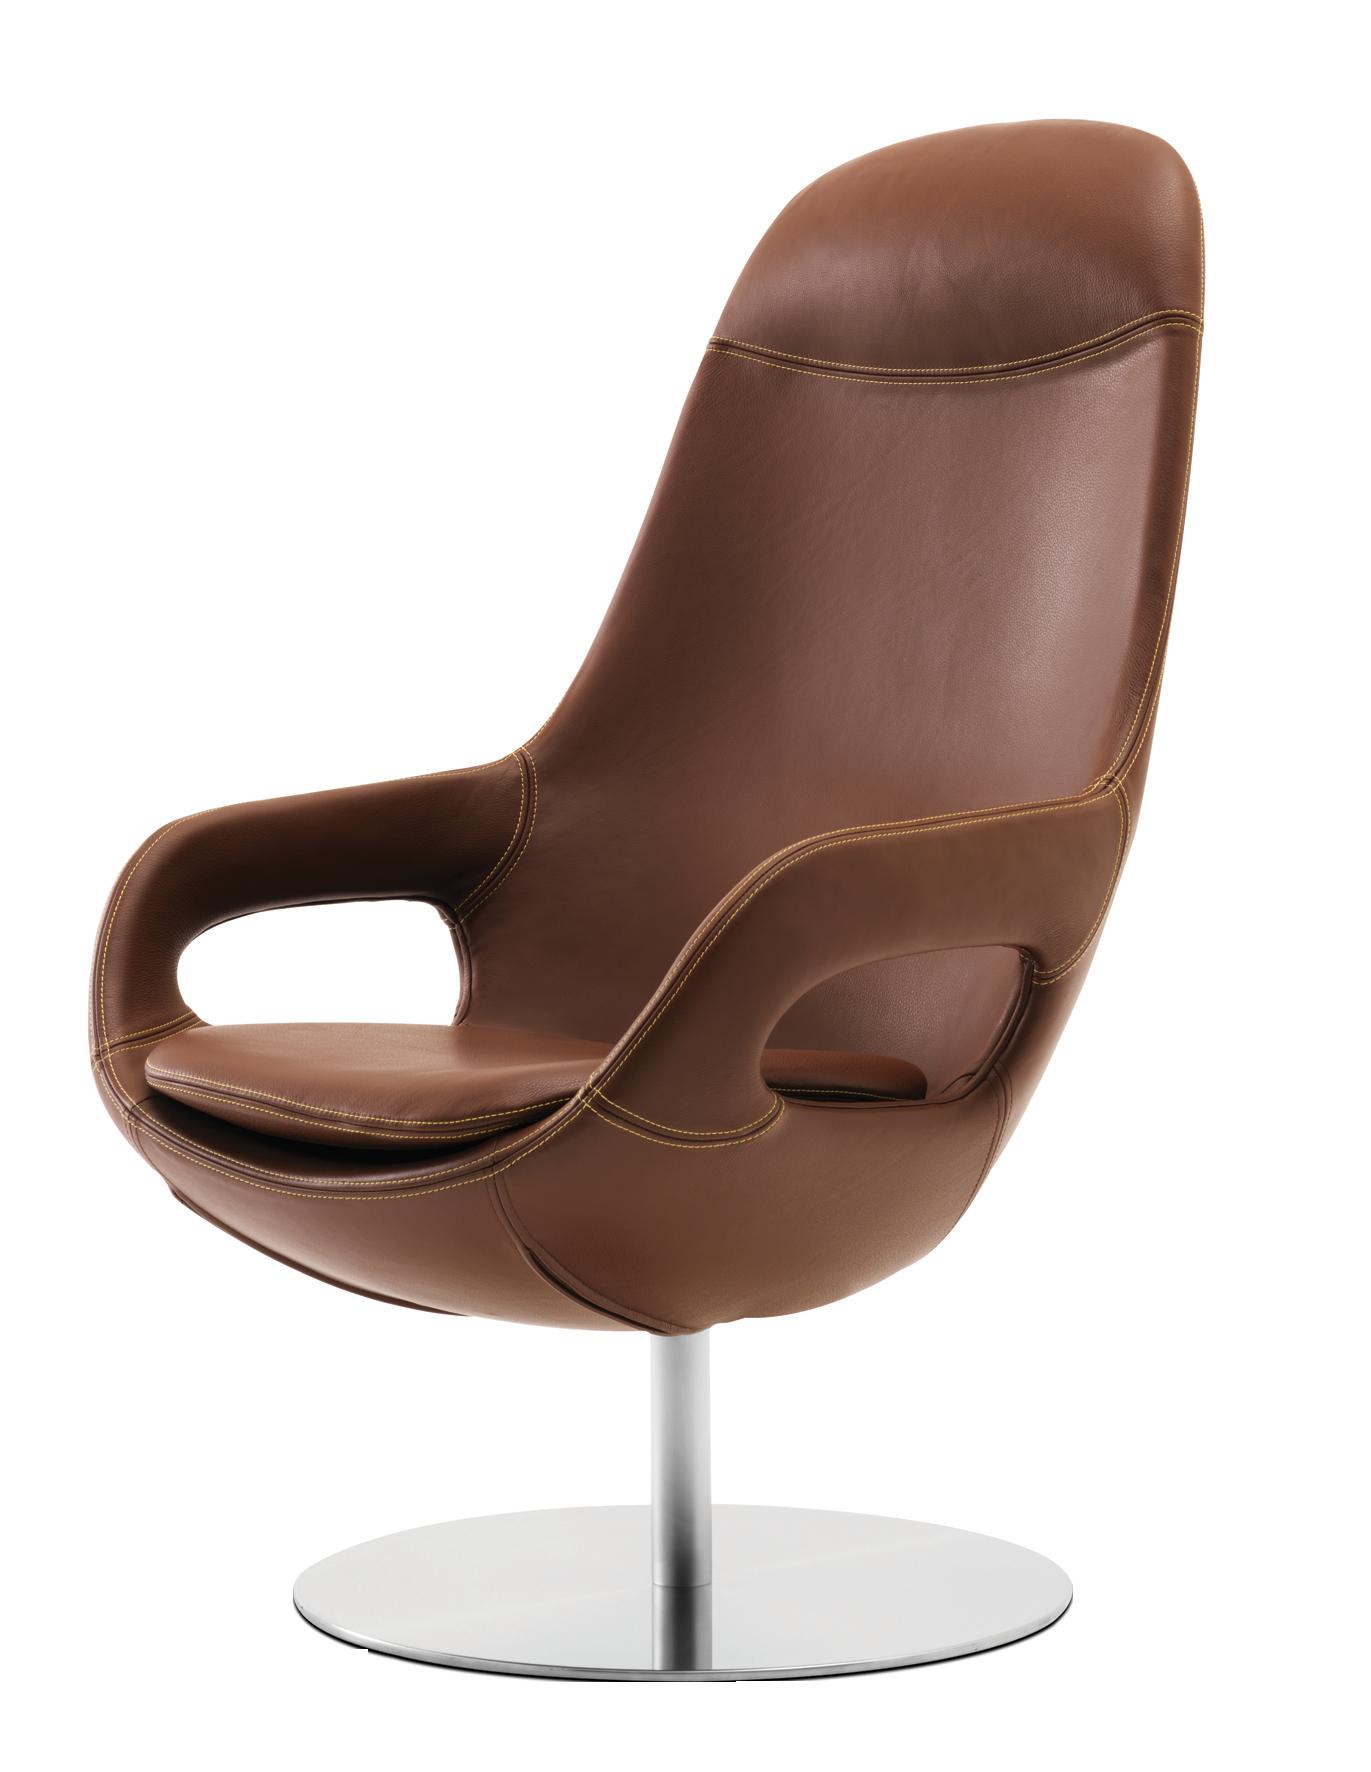 smartville de boconcept fauteuil smartville avec fonction. Black Bedroom Furniture Sets. Home Design Ideas